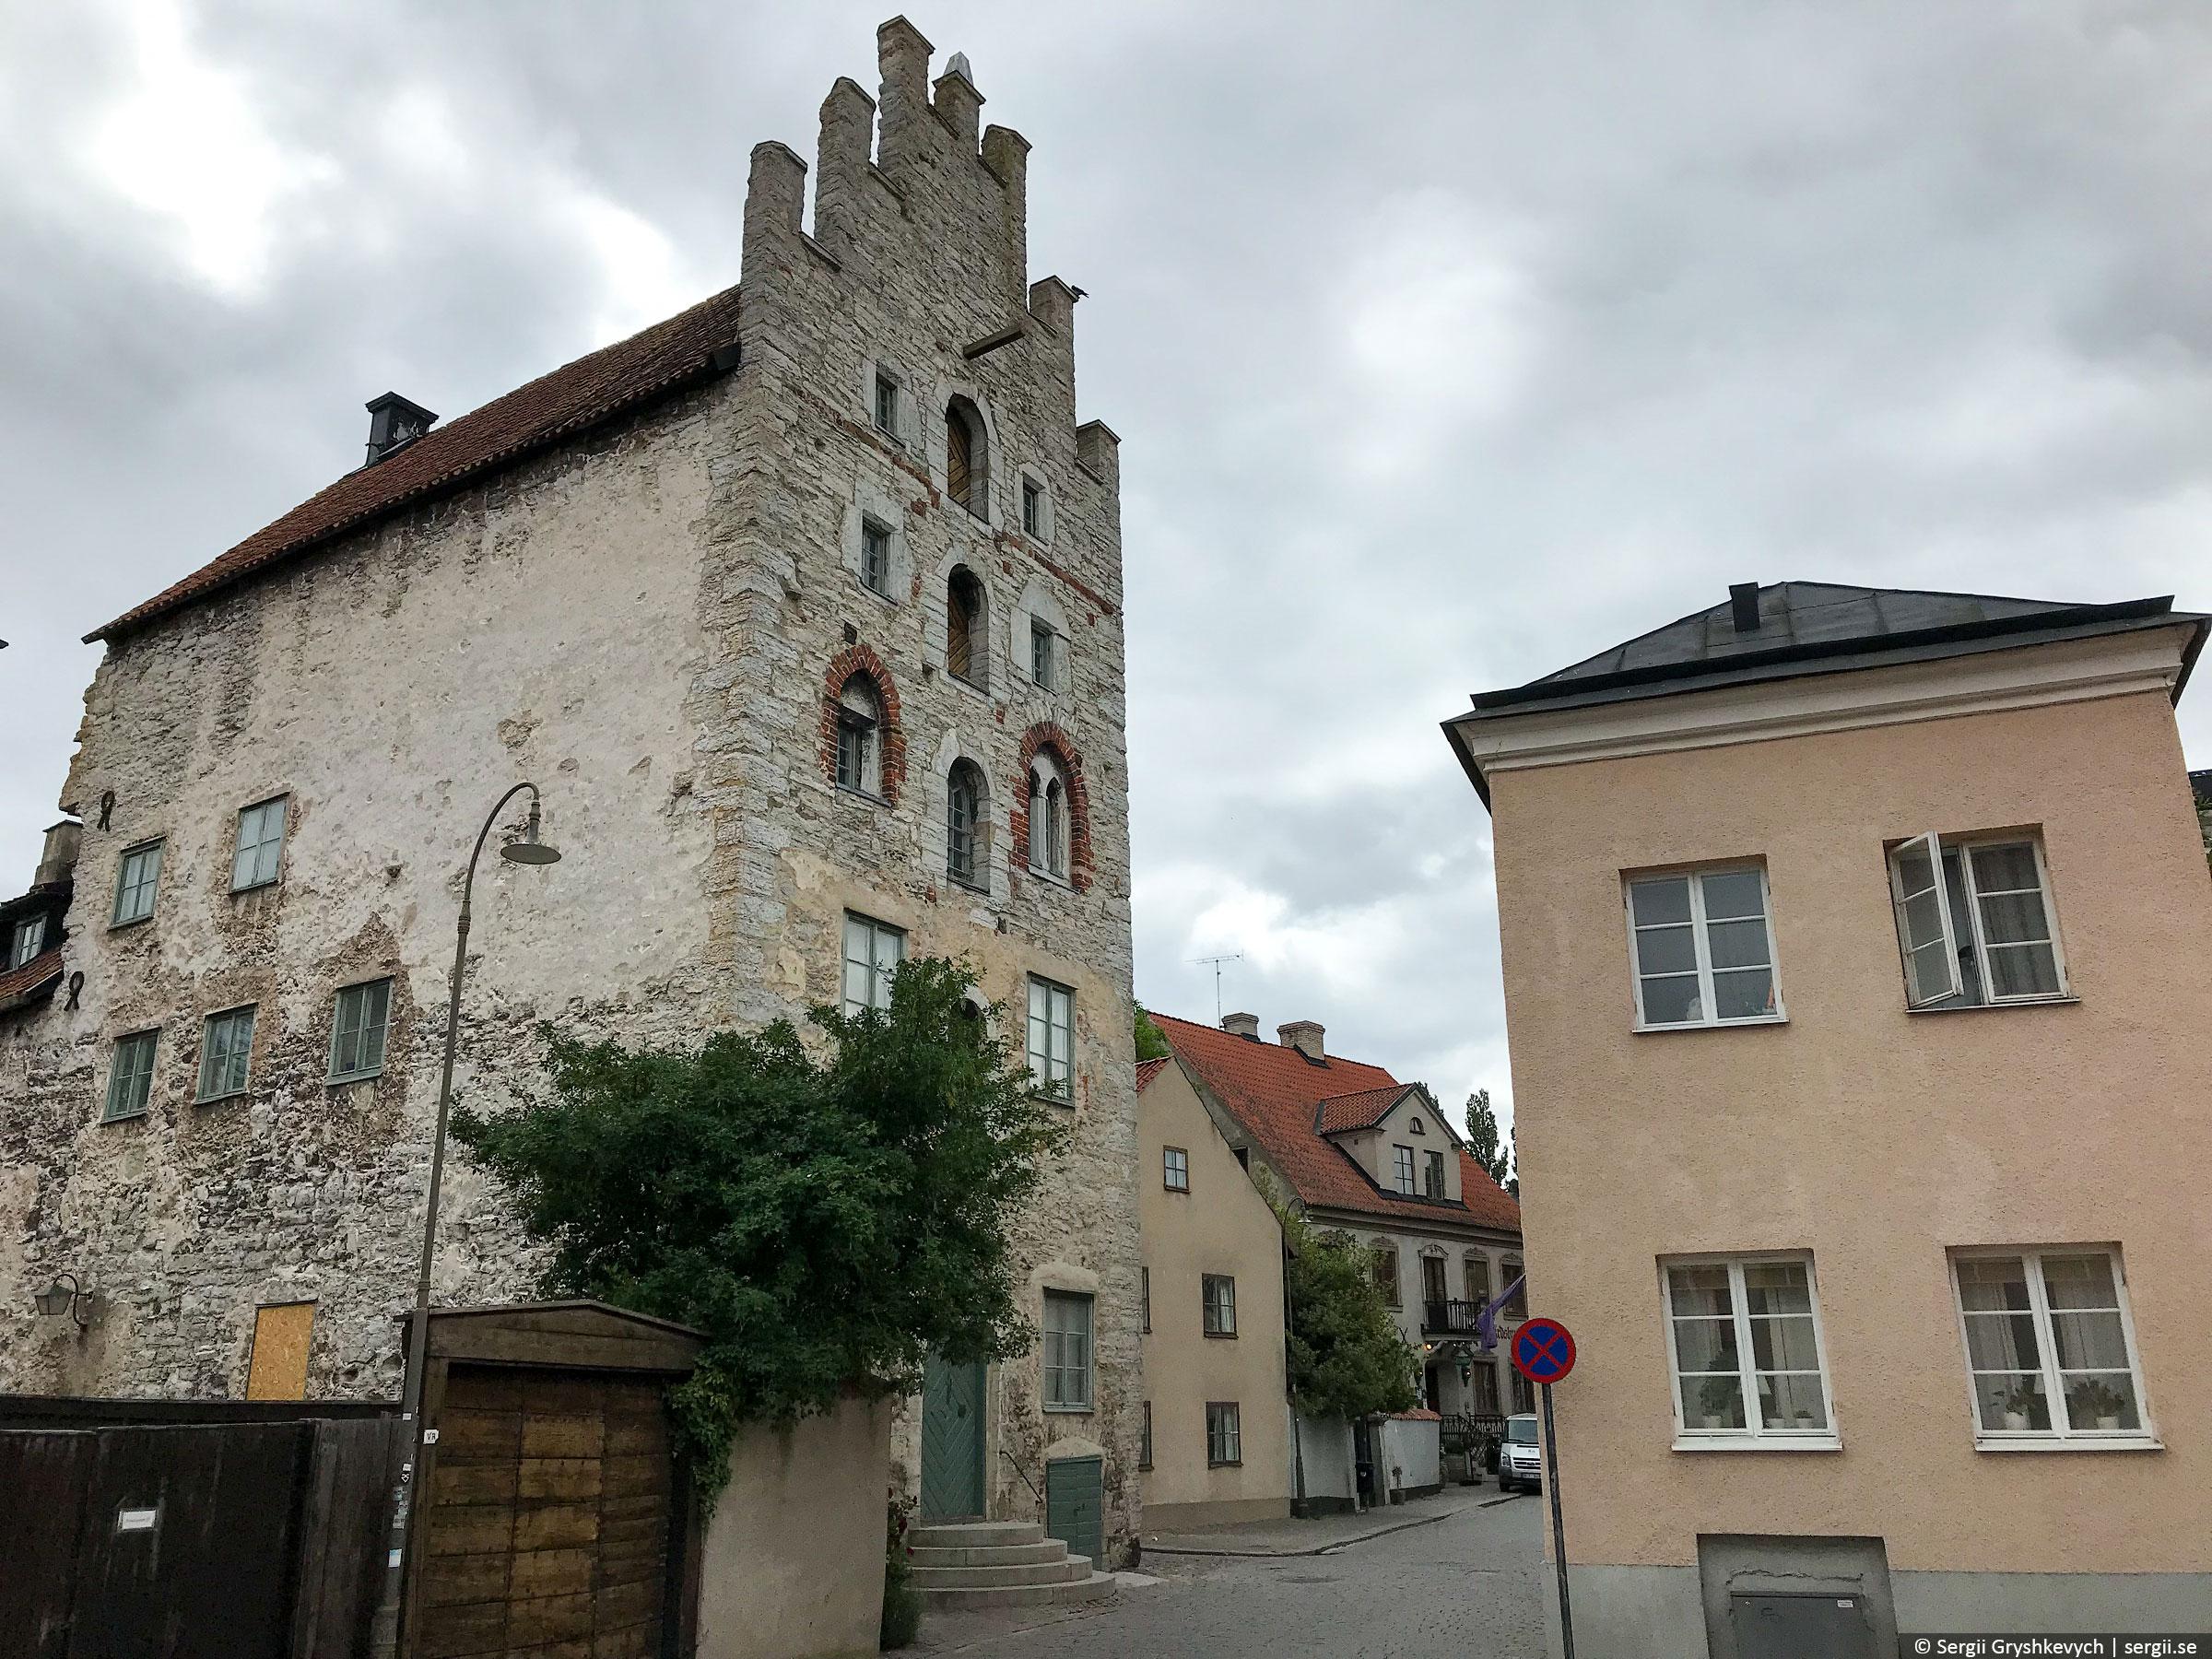 gotland-visby-sweden-2018-21